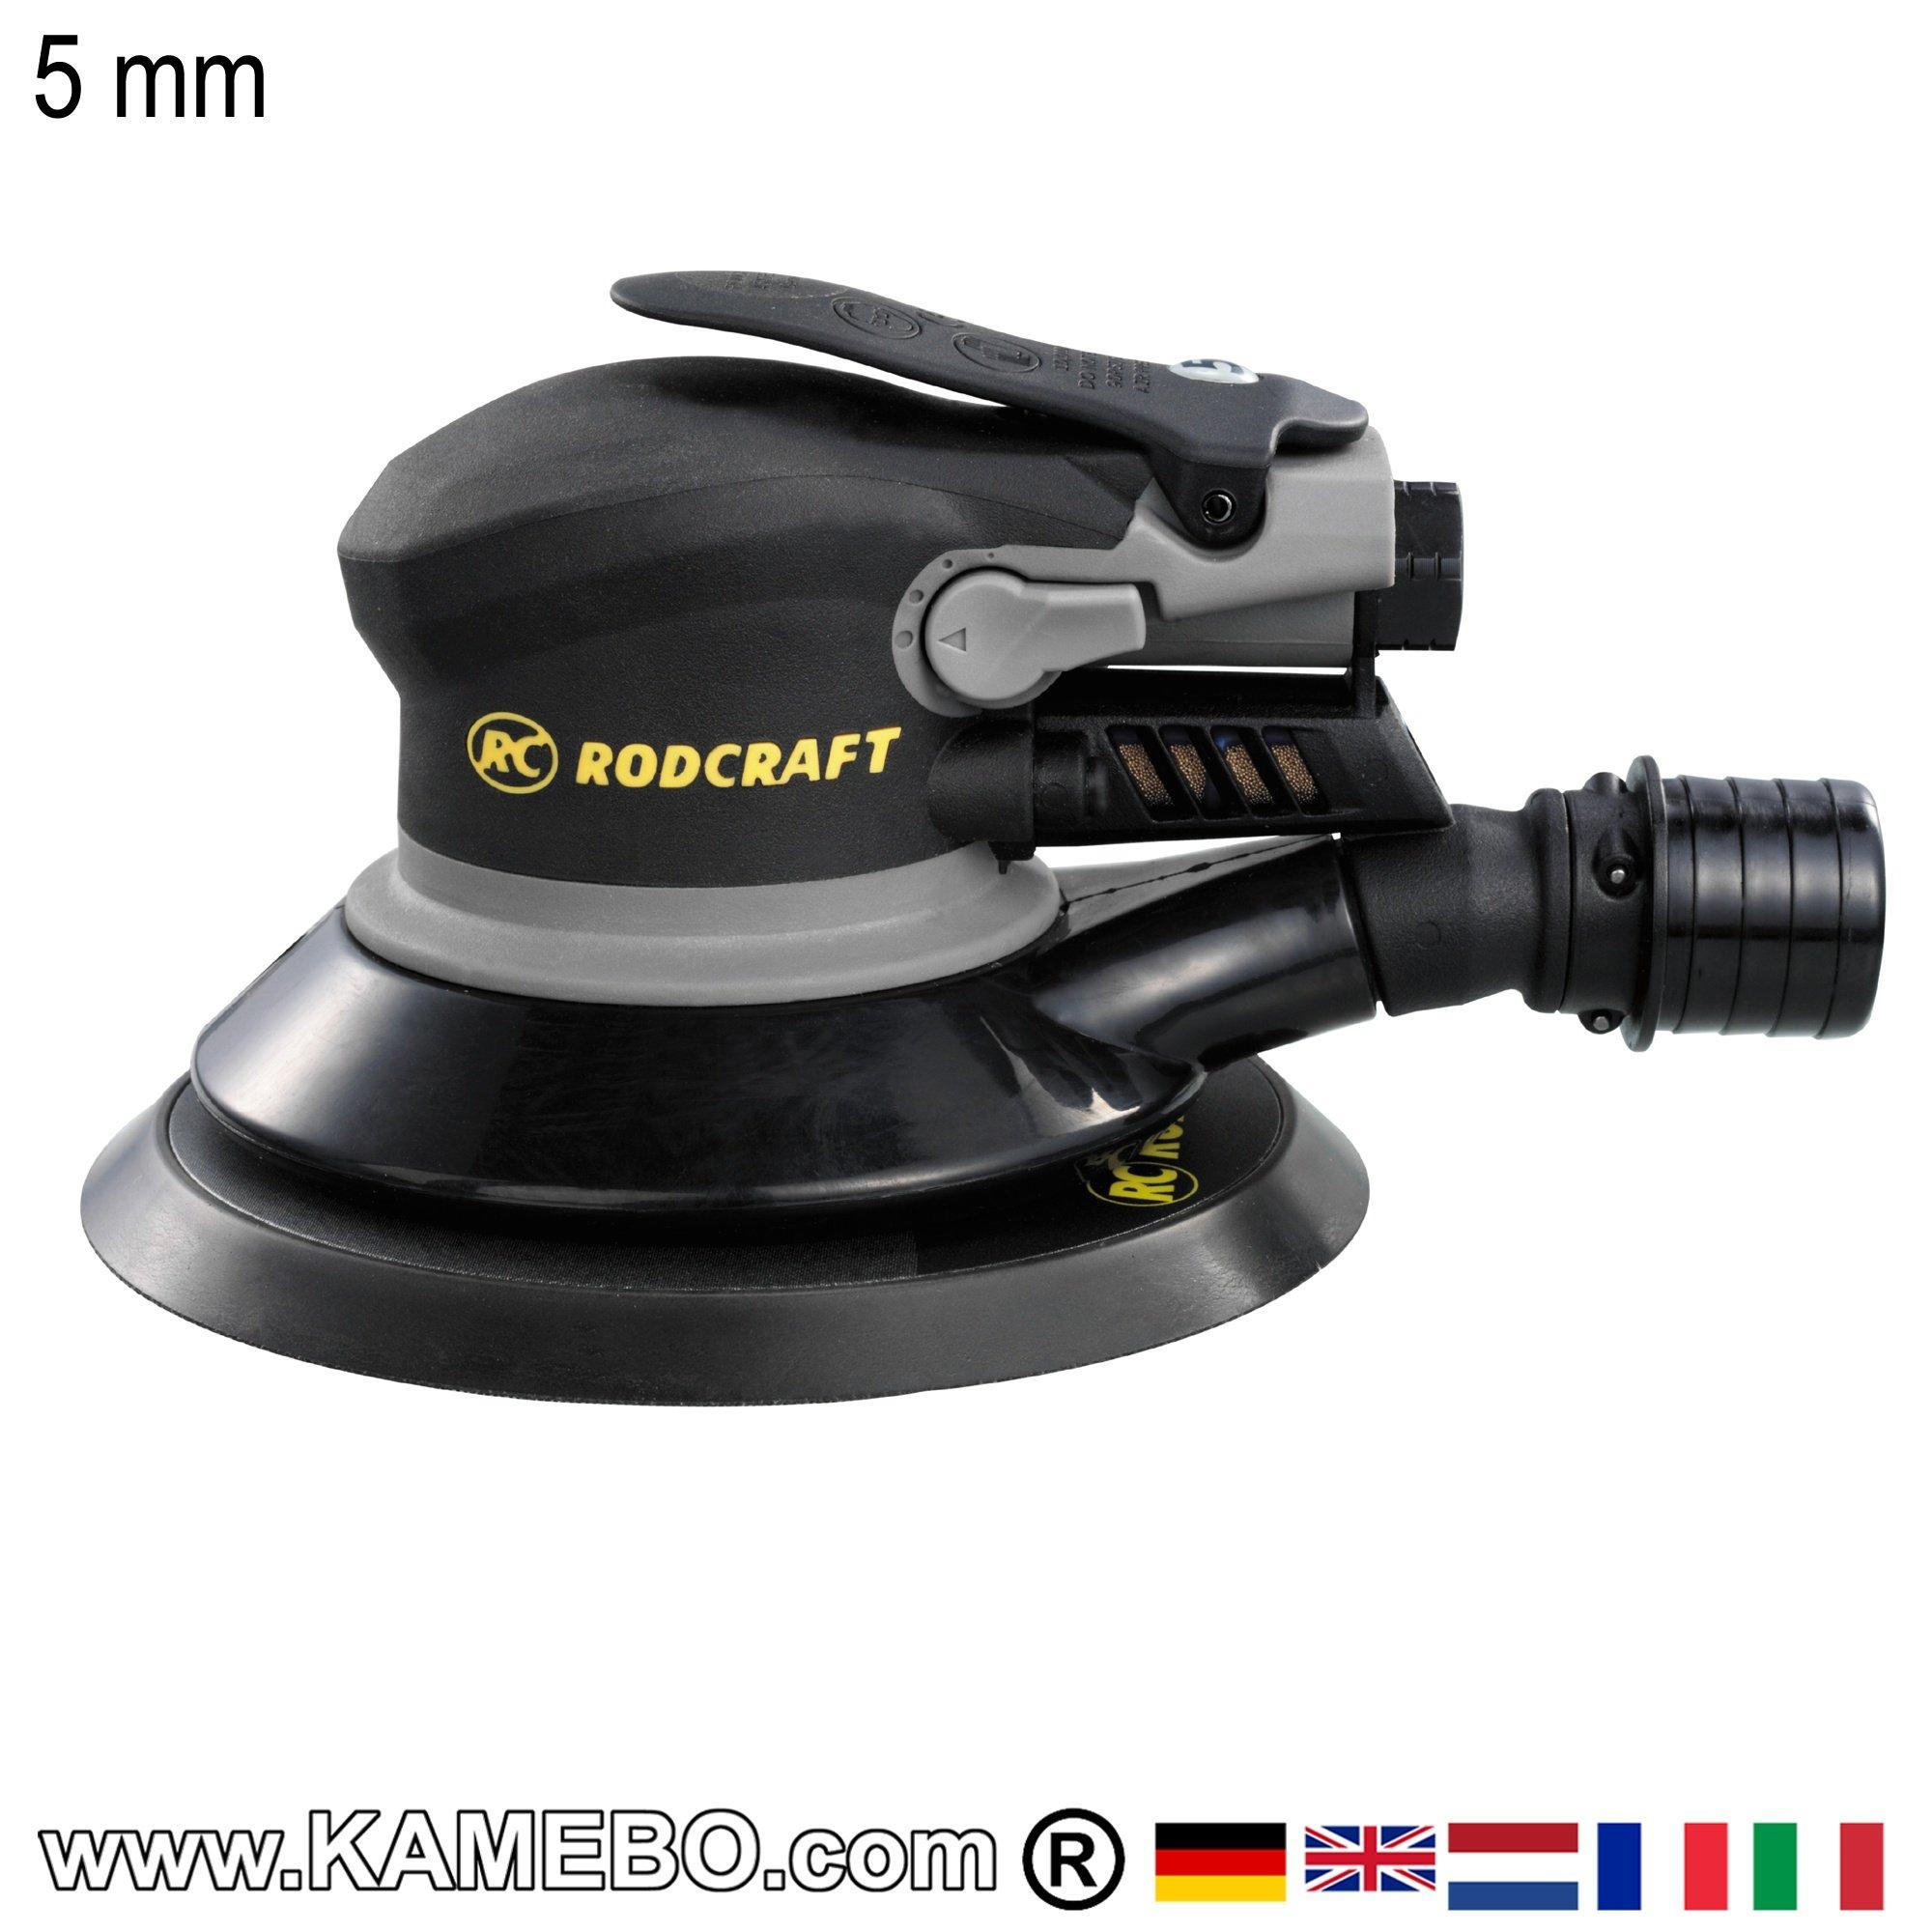 rodcraft ponceuse orbitale pneumatique rc7705v6. Black Bedroom Furniture Sets. Home Design Ideas